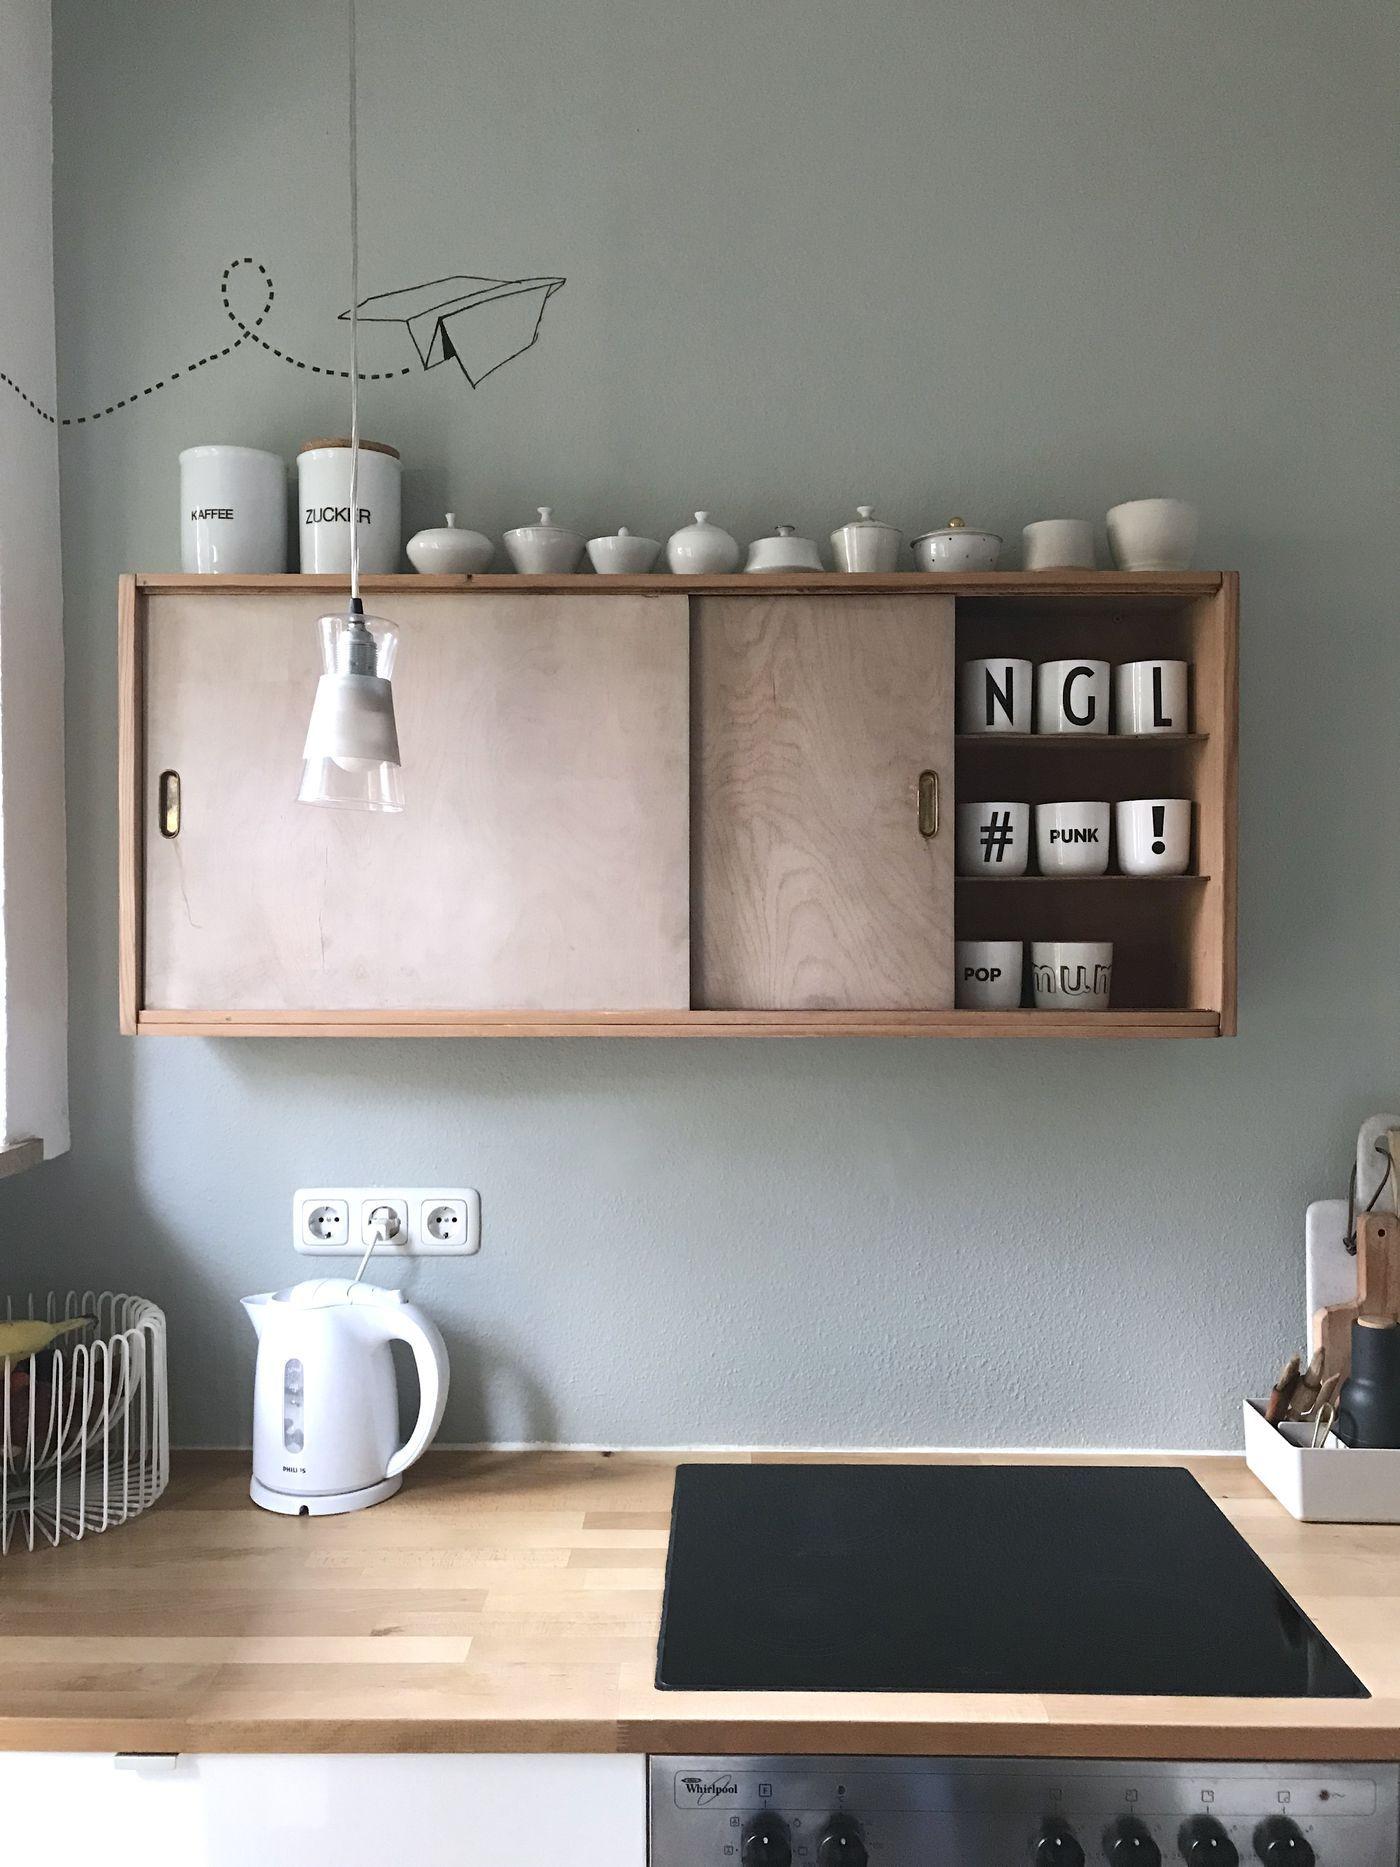 Full Size of Weiße Küche Wandfarbe Schne Ideen Fr In Der Kche Kleine L Form Hochglanz Grau Vorratsschrank Einbauküche Mit Elektrogeräten Schnittschutzhandschuhe Wohnzimmer Weiße Küche Wandfarbe